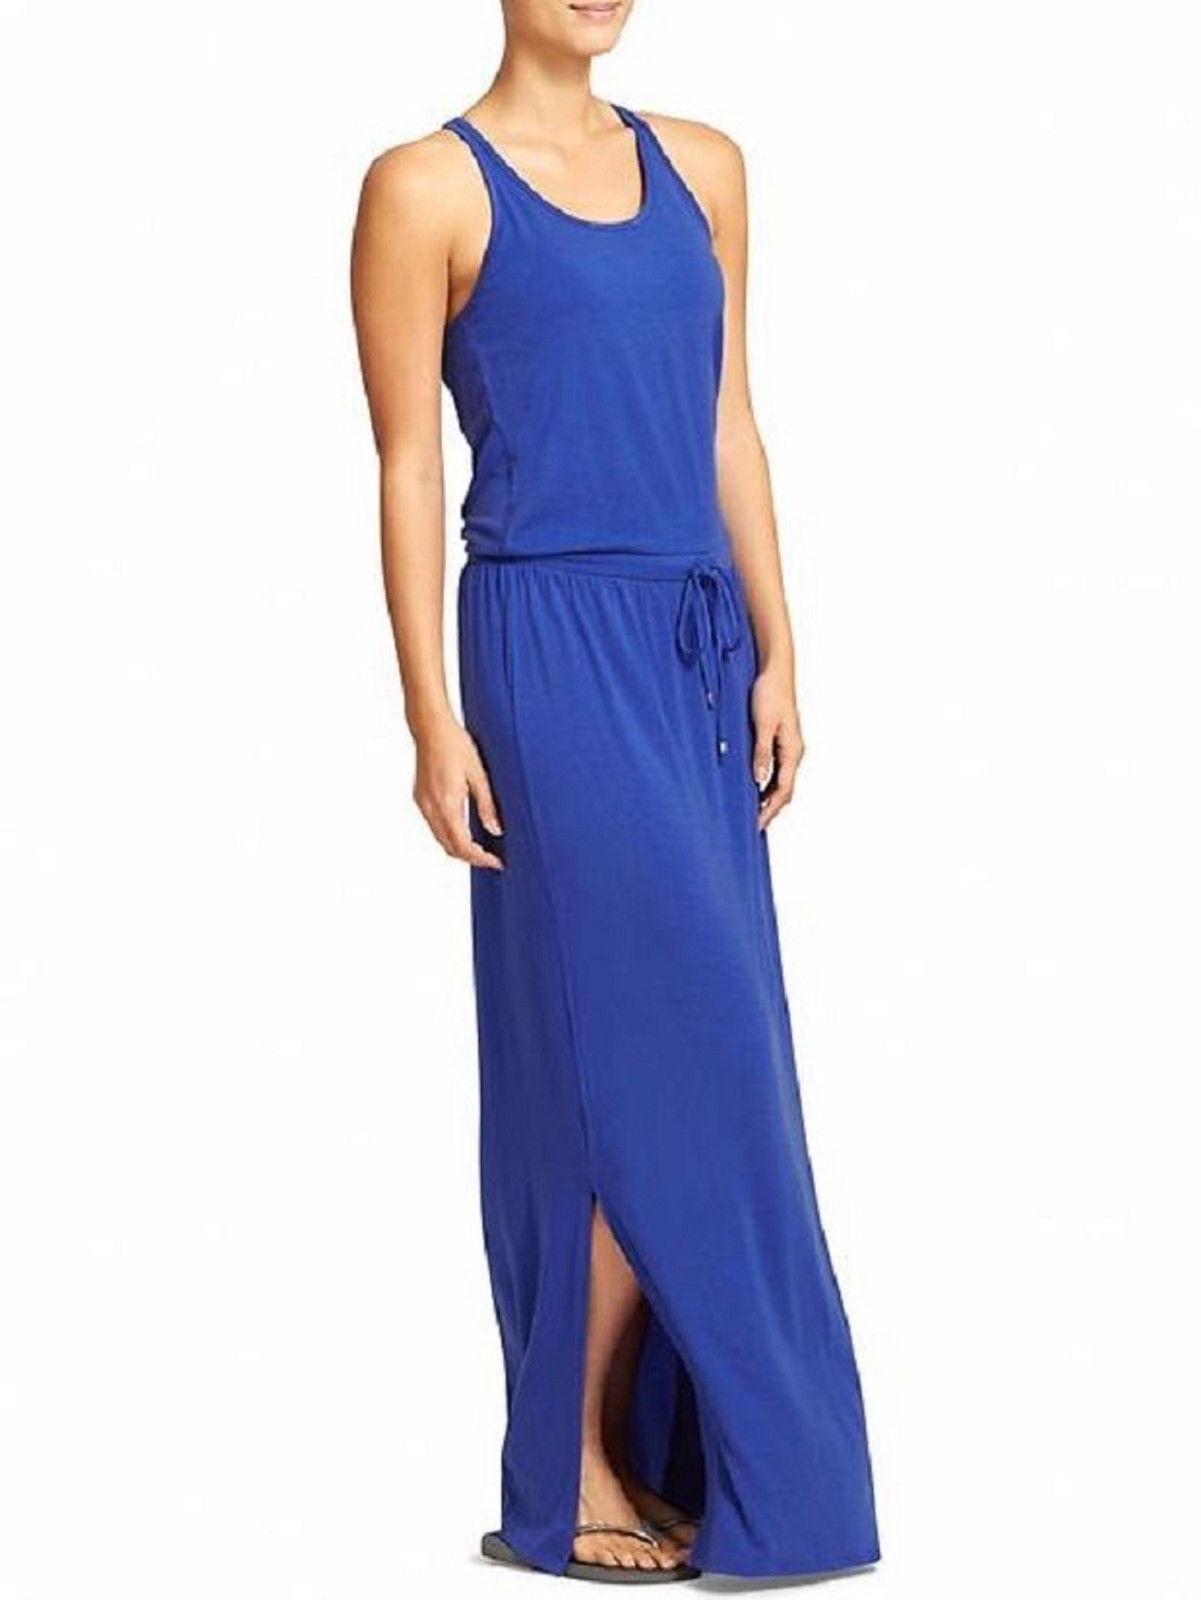 NWT Athleta Cressida Maxi  Dress, Cerulean Blau, Größe XS